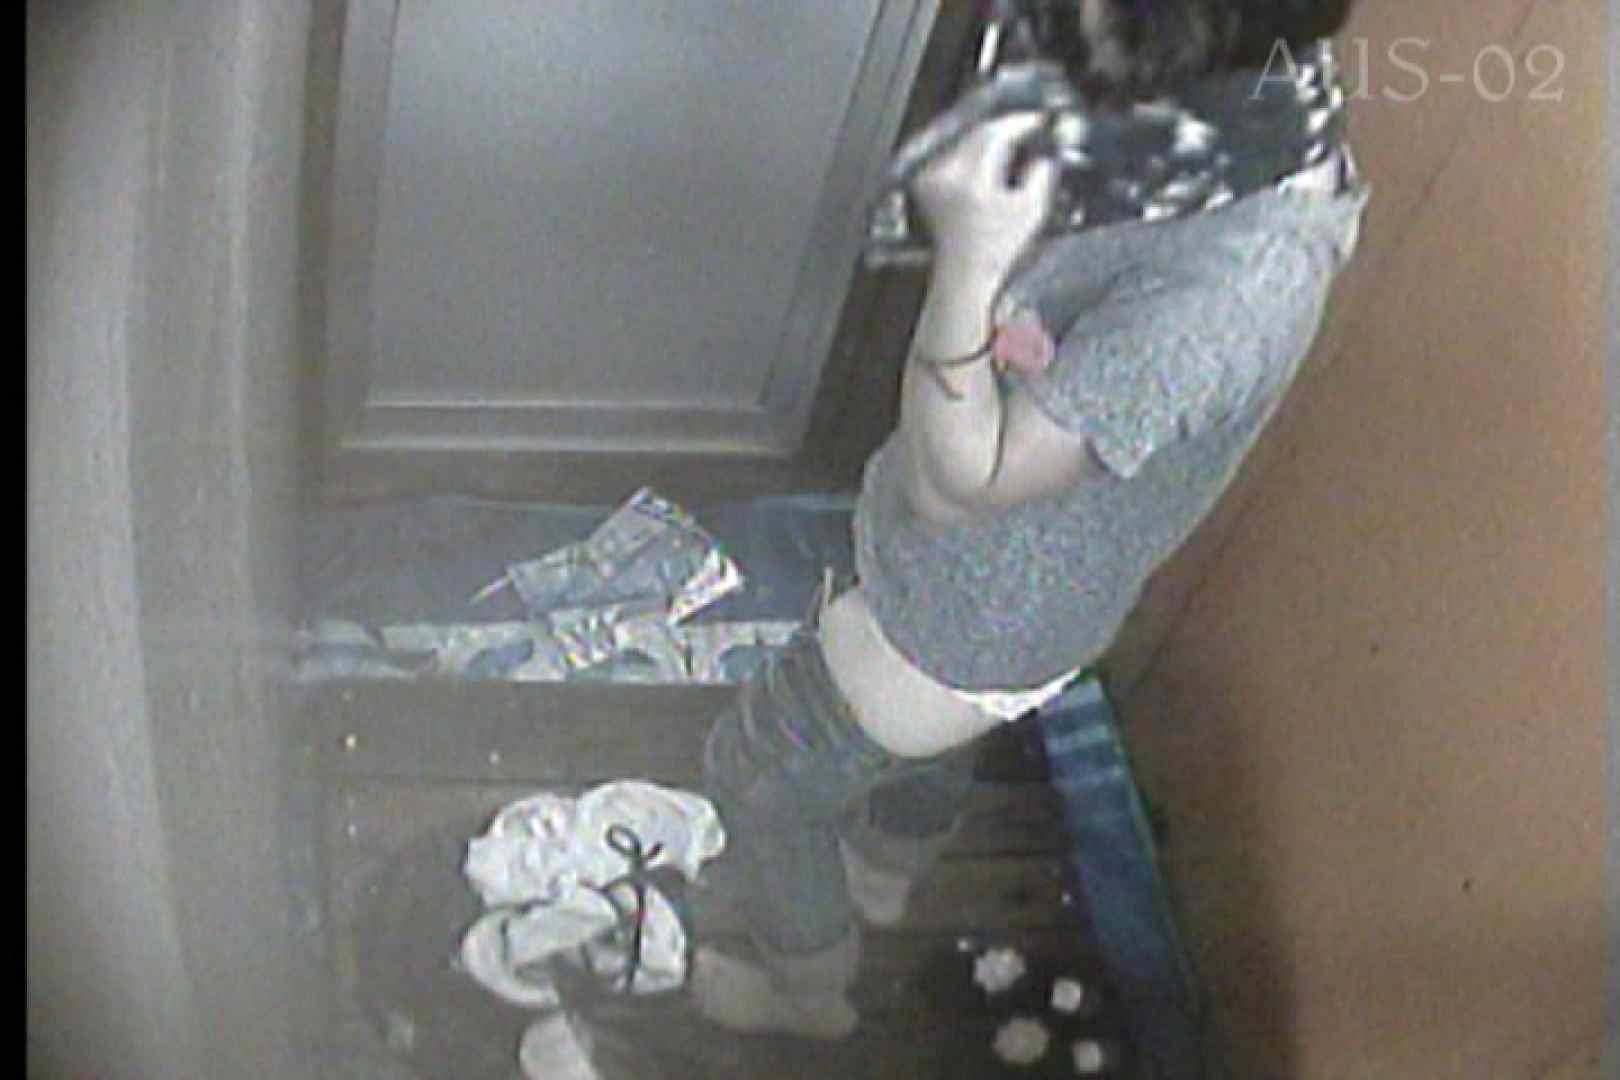 海の家の更衣室 Vol.09 シャワー室 AV無料動画キャプチャ 87枚 75